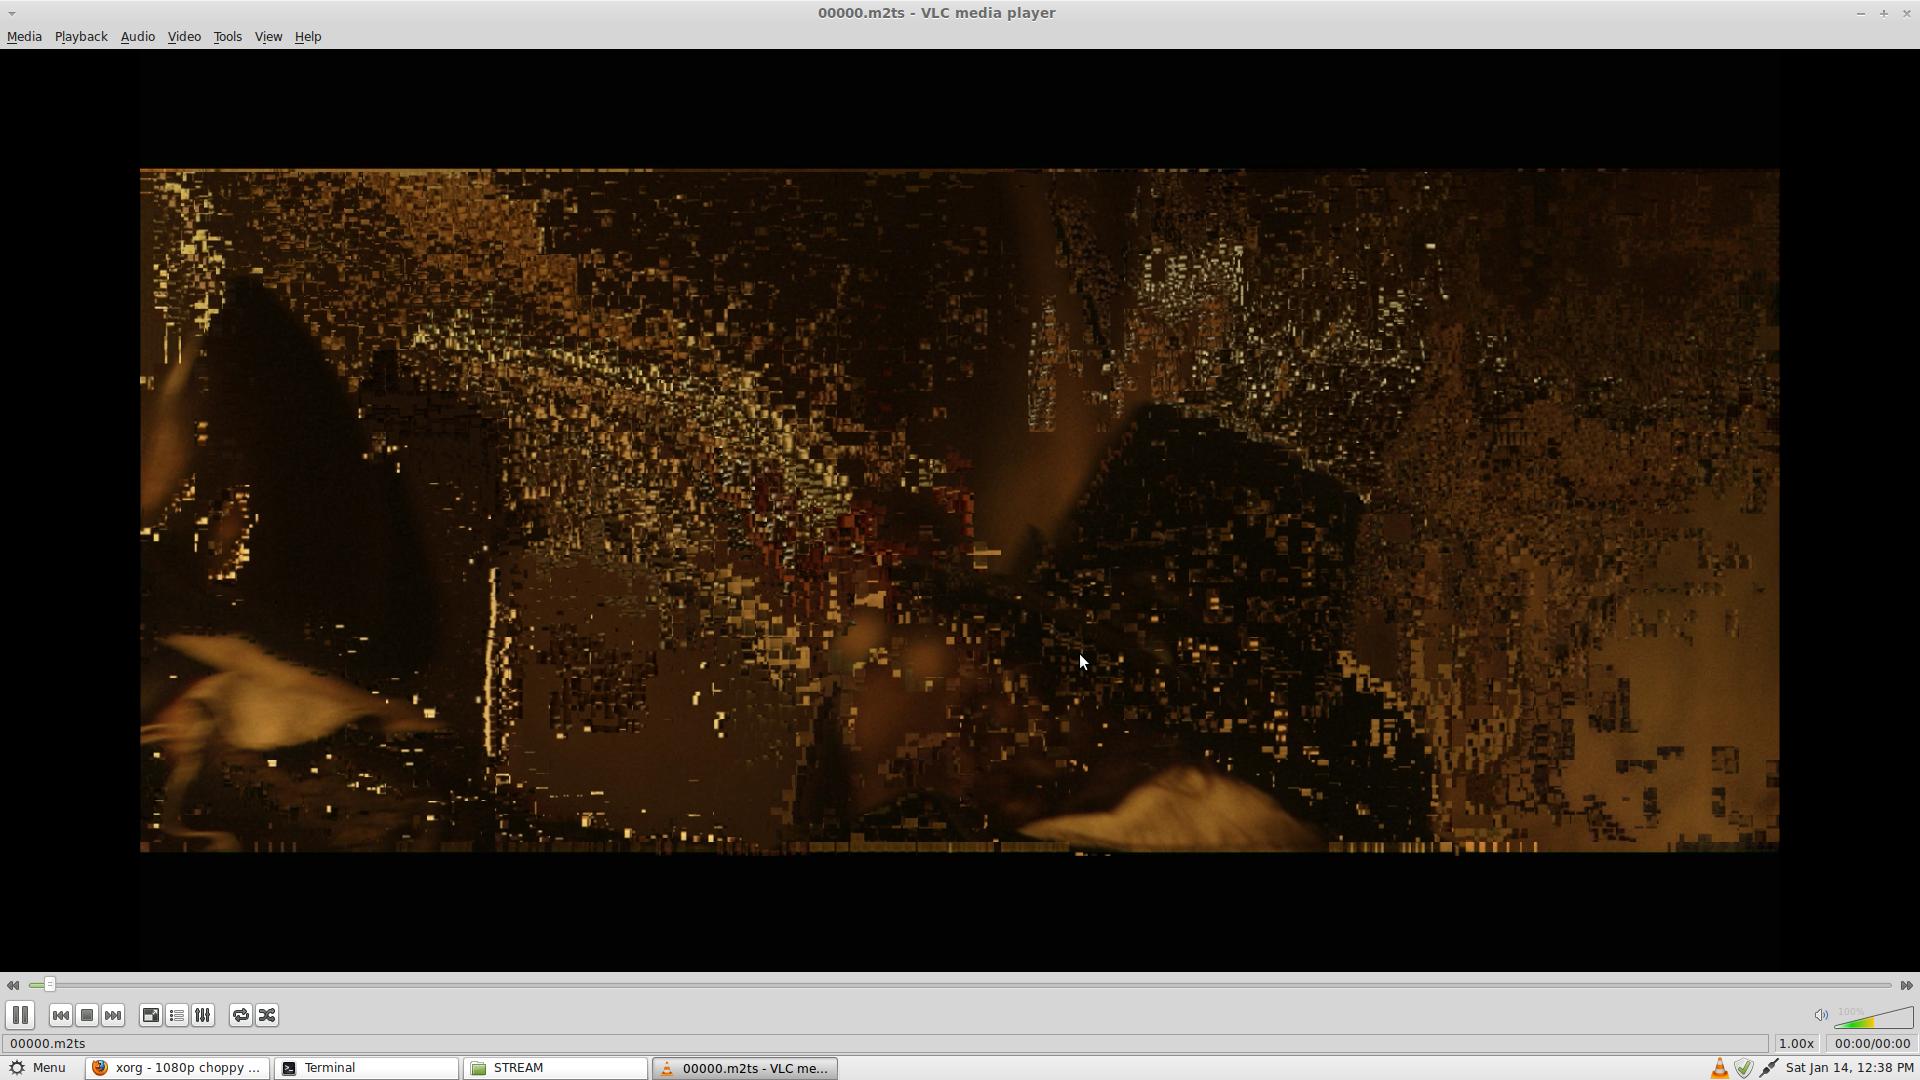 1080p прерывистый на двух разных графических процессорах что еще